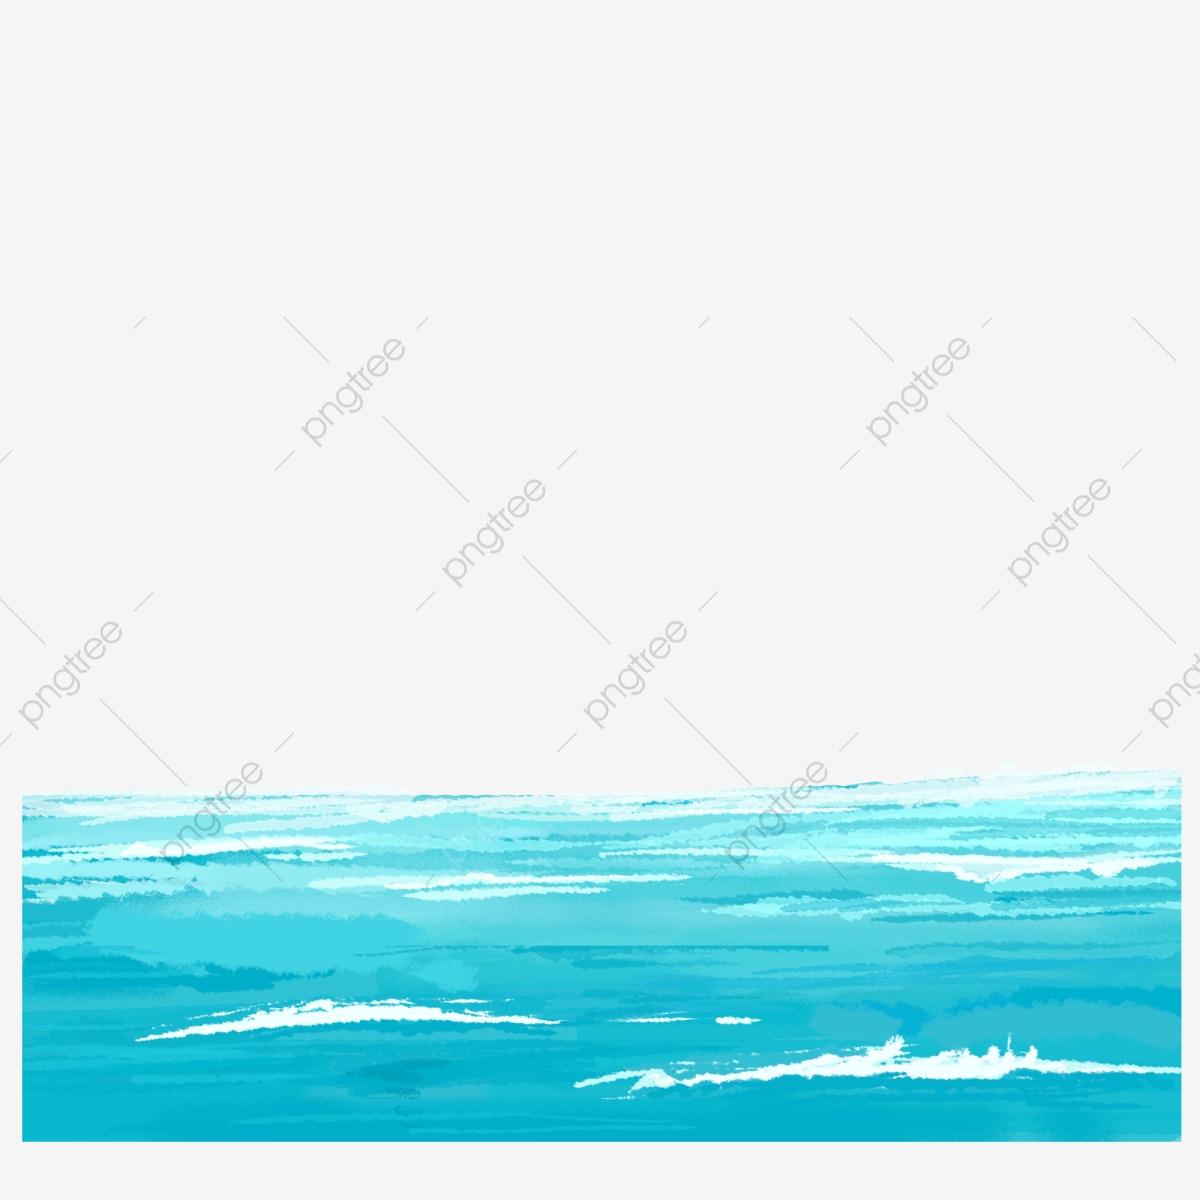 ocean clipart calm wave